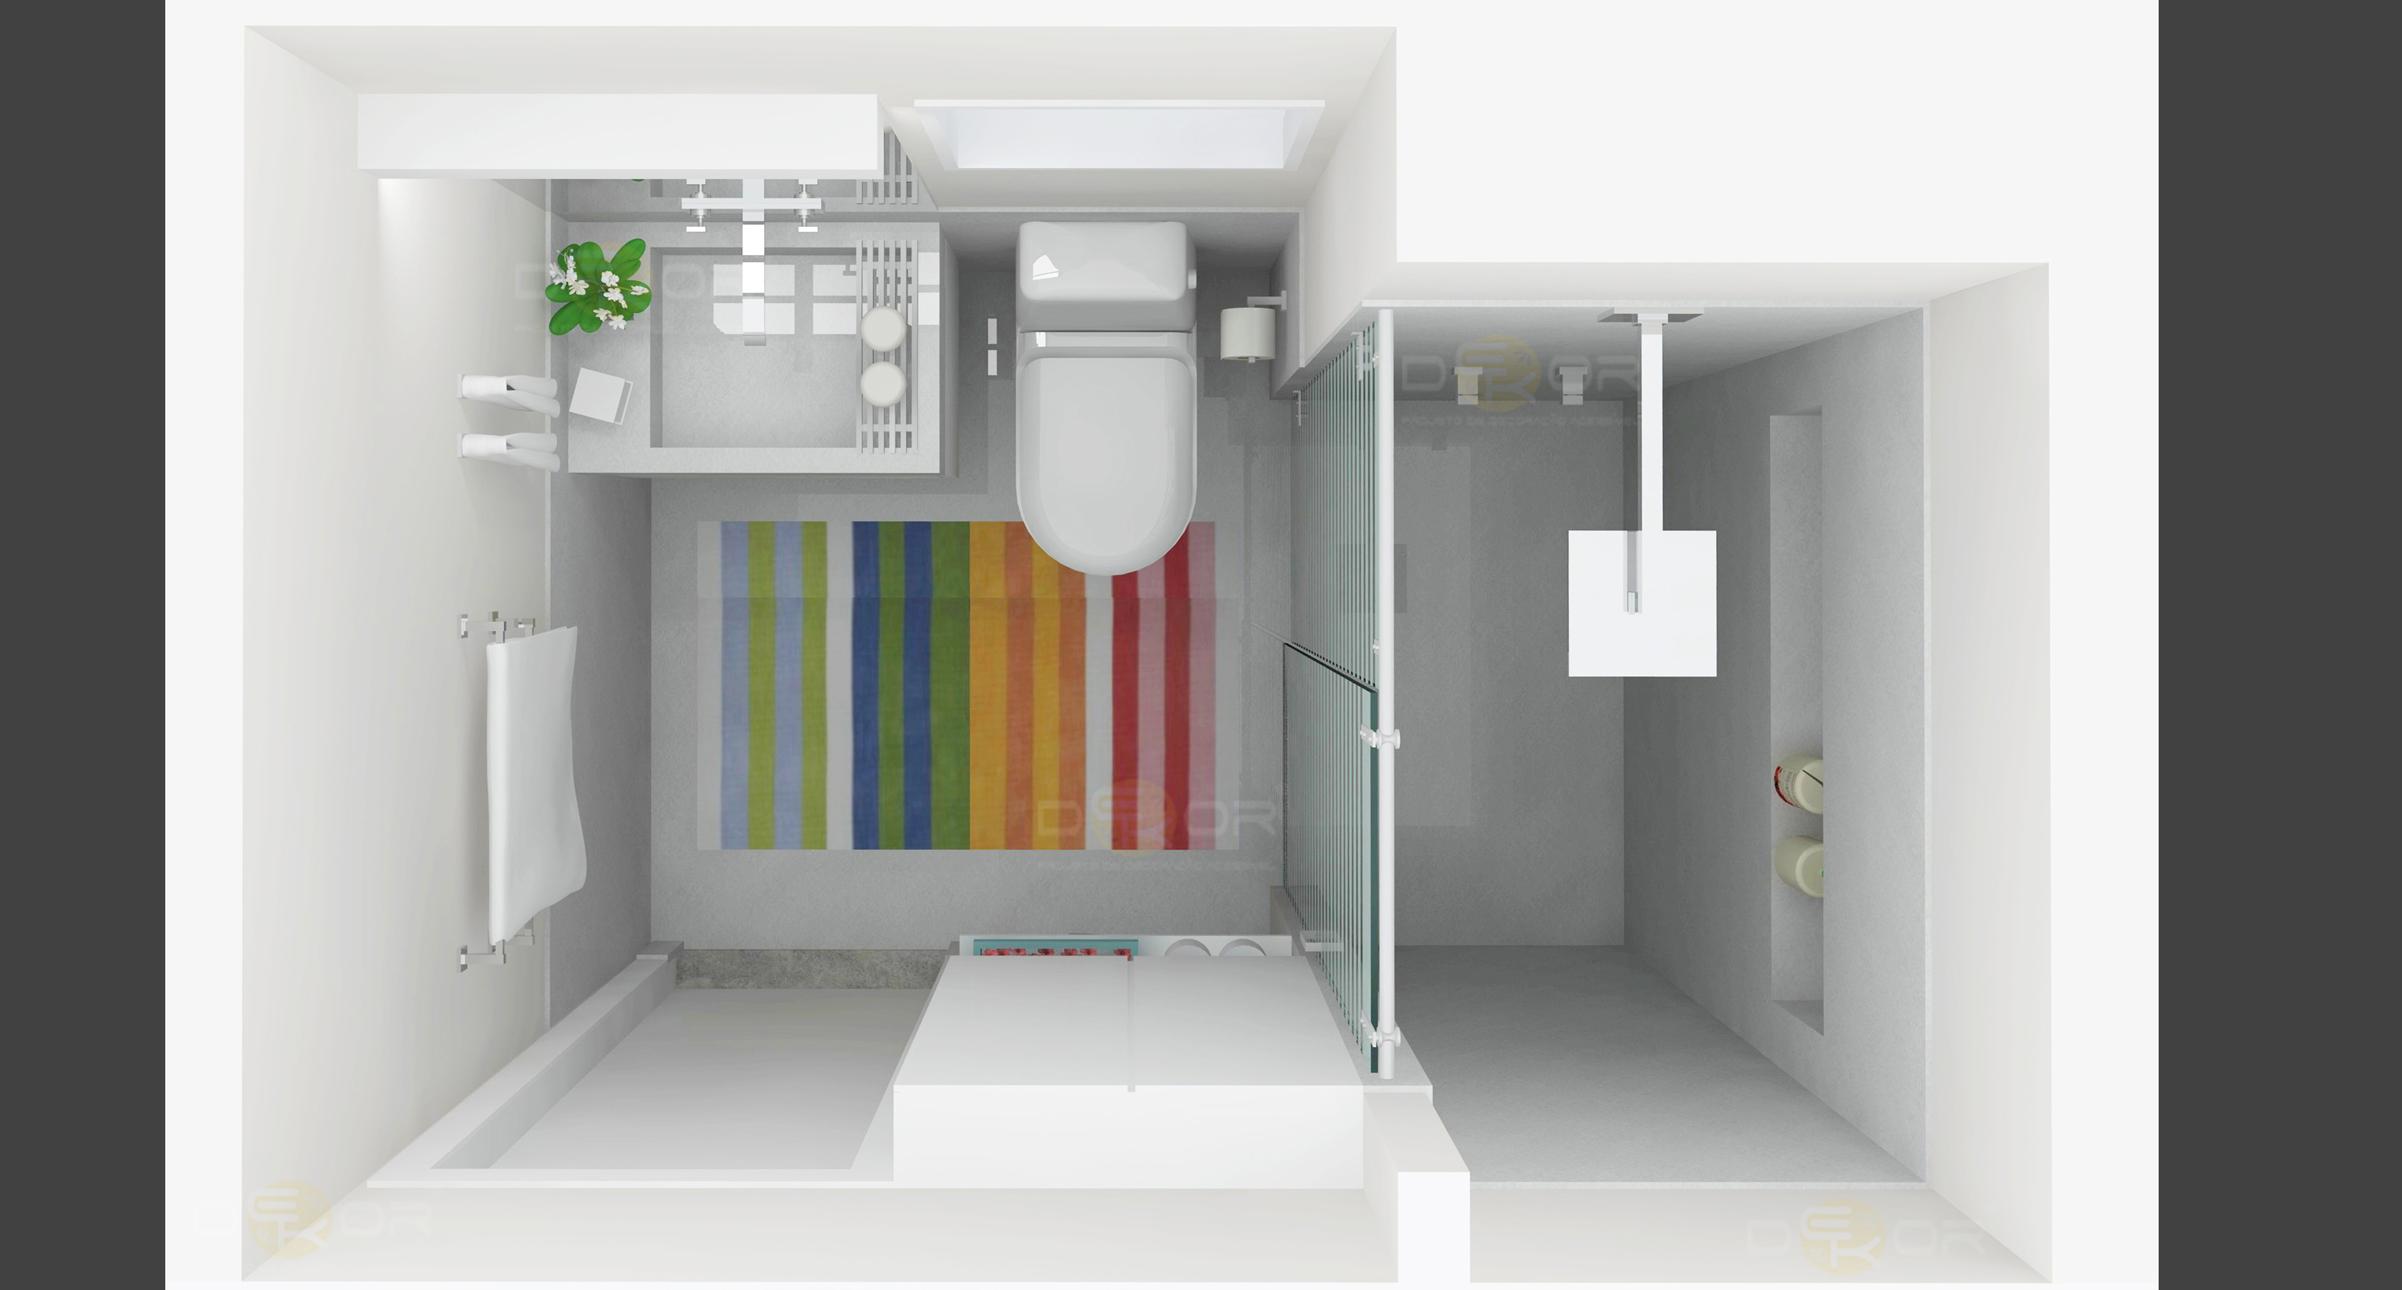 05/03/2014 2402 × 1290 Projeto de Banheiro – Decoração Online #1 #8A7439 2402 1290